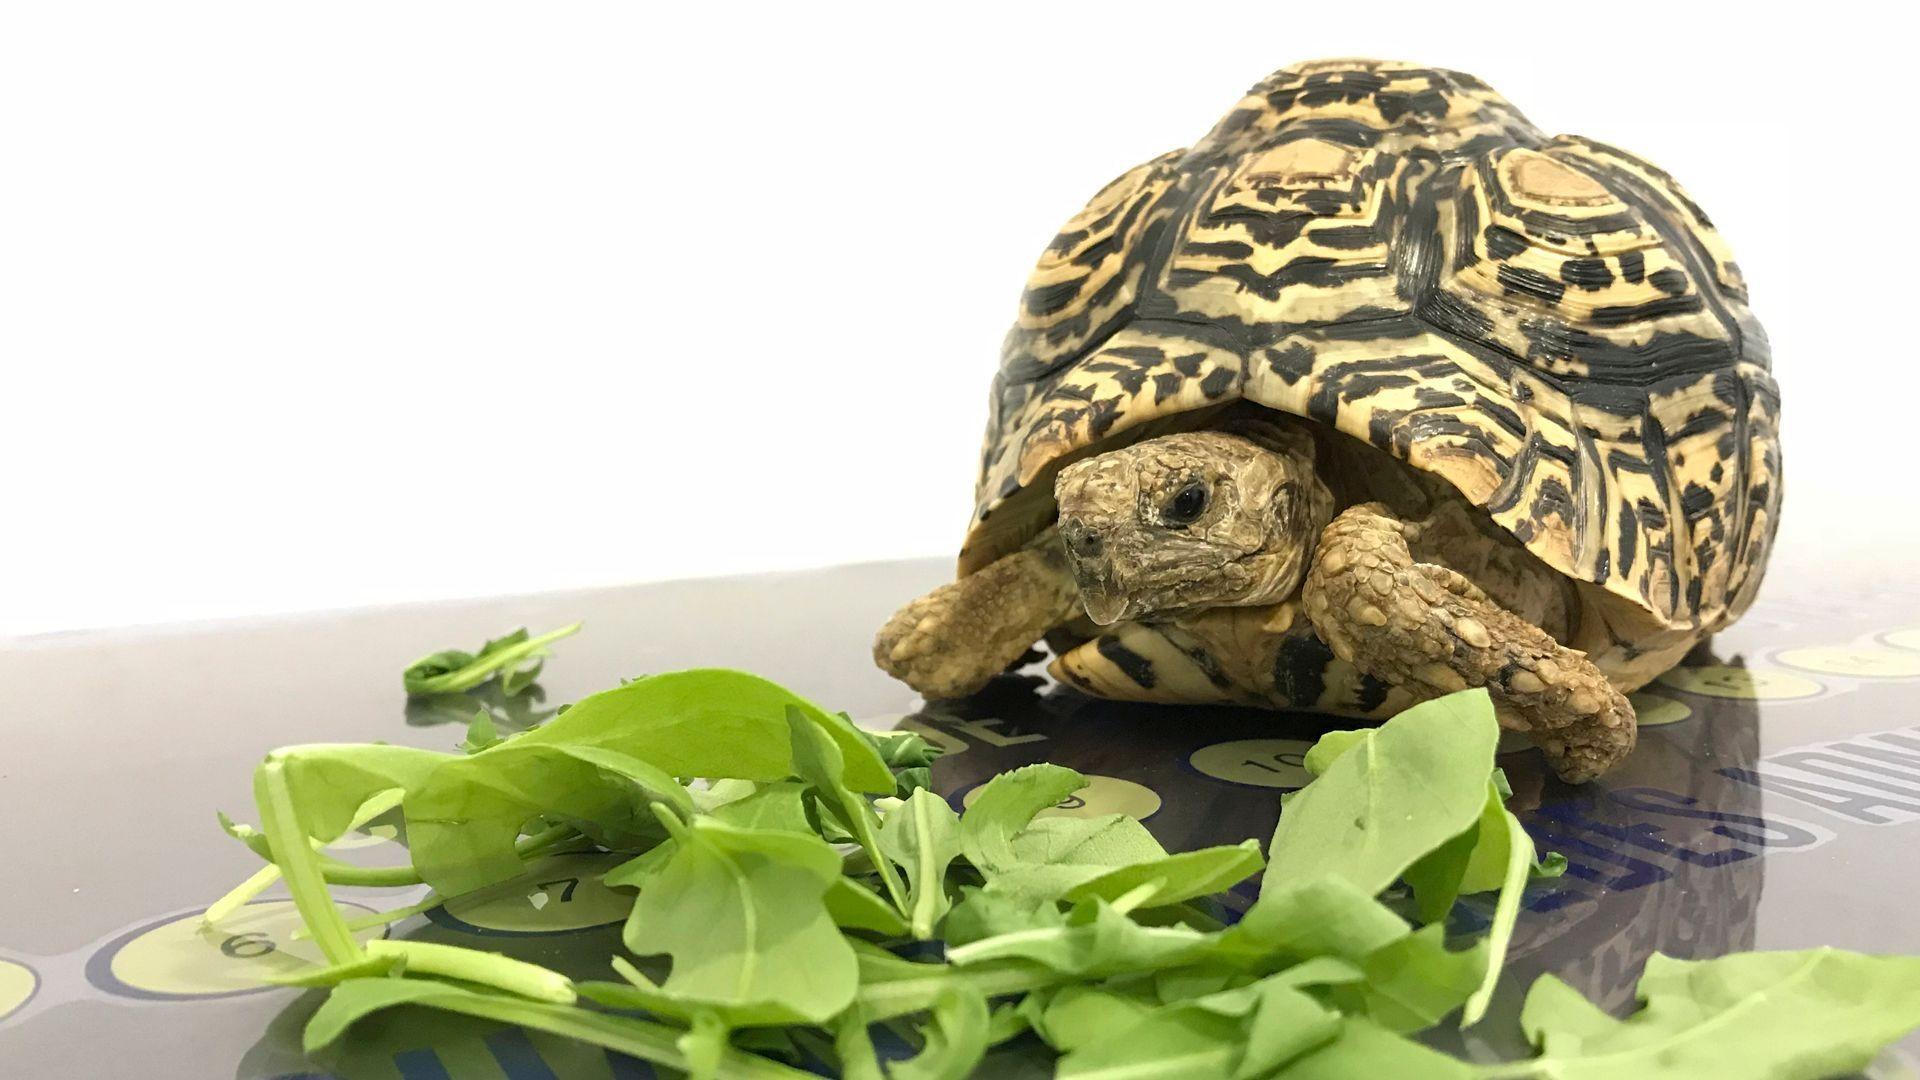 Clínica veterinaria especializada en animales exóticos en Tenerife Sur